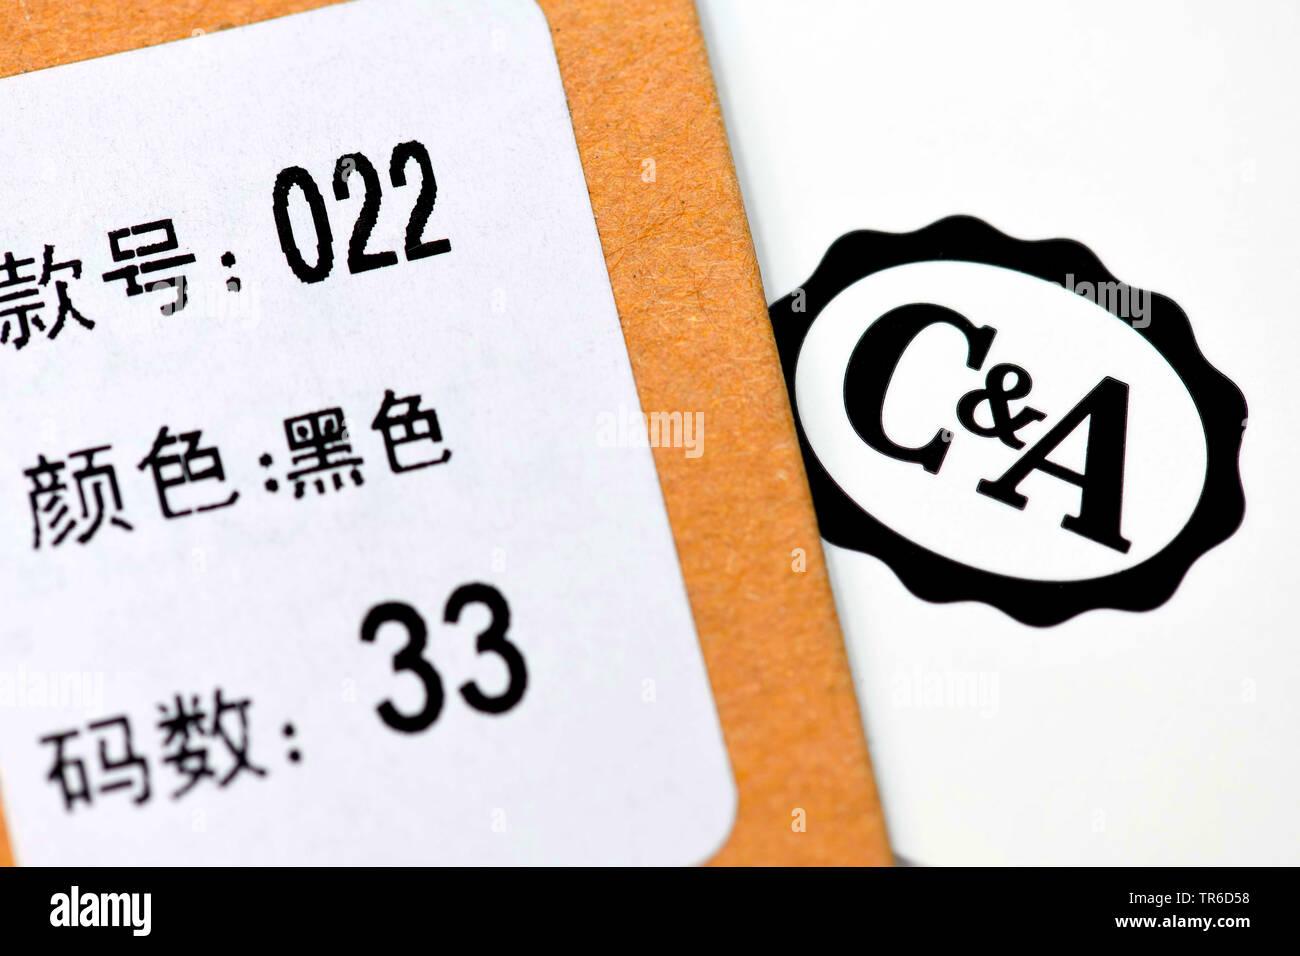 C & A Logo und chinesisches Etikett, Traditionsunternehmen C&A prueft den Verkauf des Unternehmens nach China, Deutschland | C & A checking the sale t - Stock Image